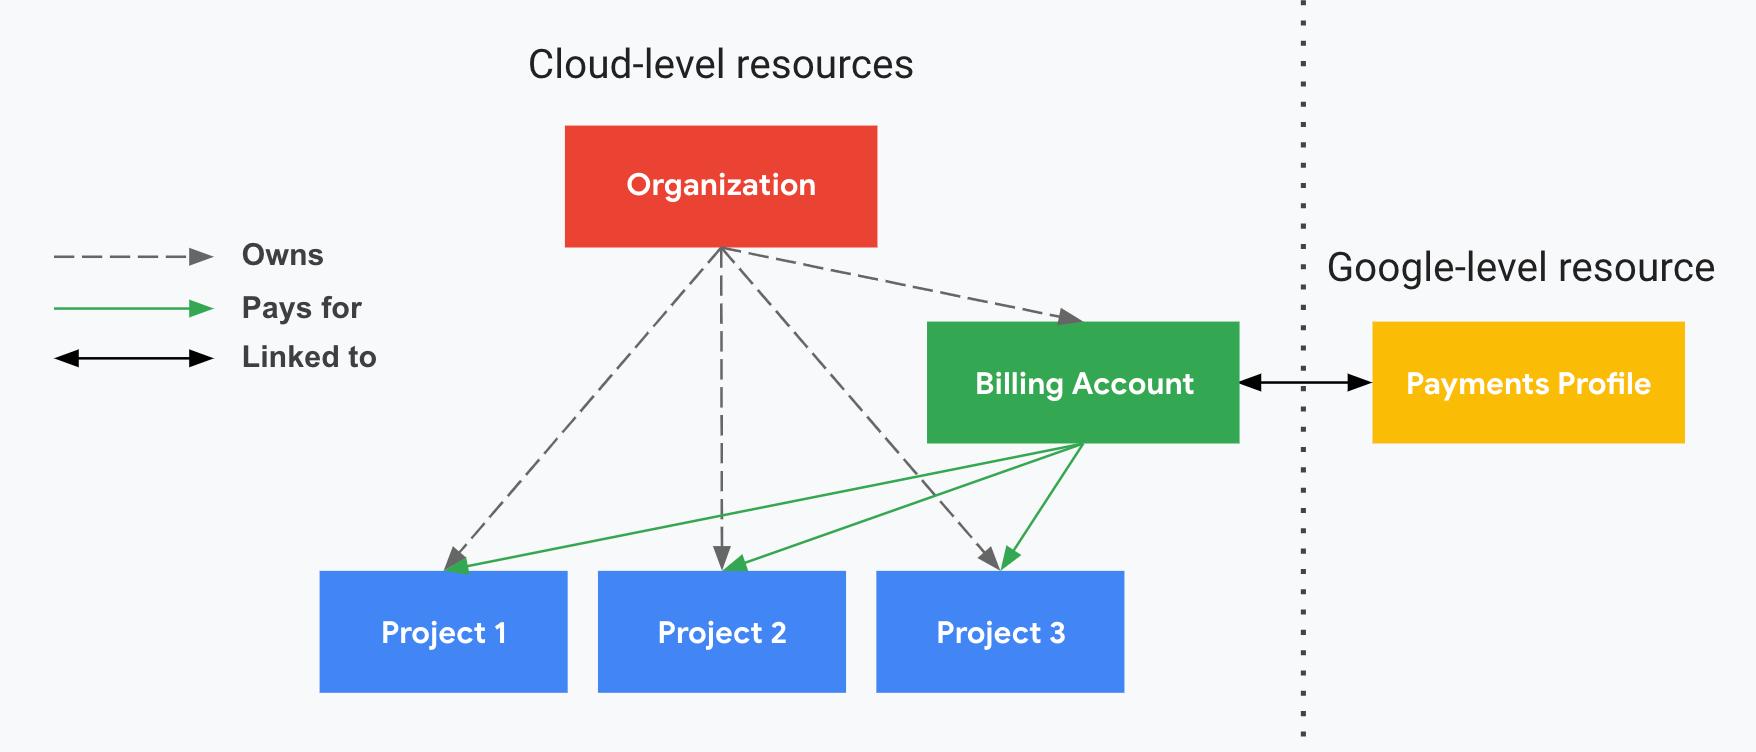 Illustre la relation entre les projets, votre compte CloudBilling et l'organisation, ainsi que votre profil de paiement. Un côté affiche vos ressources au niveau du cloud (organisation, compte CloudBilling et projets associés) et l'autre, divisé par une ligne pointillée verticale, affiche votre ressource Google (profil de paiement). Les paiements de vos projets sont assurés par votre compte CloudBilling, qui est associé à votre profil de paiement. L'organisation contrôle la propriété à l'aide d'IAM.